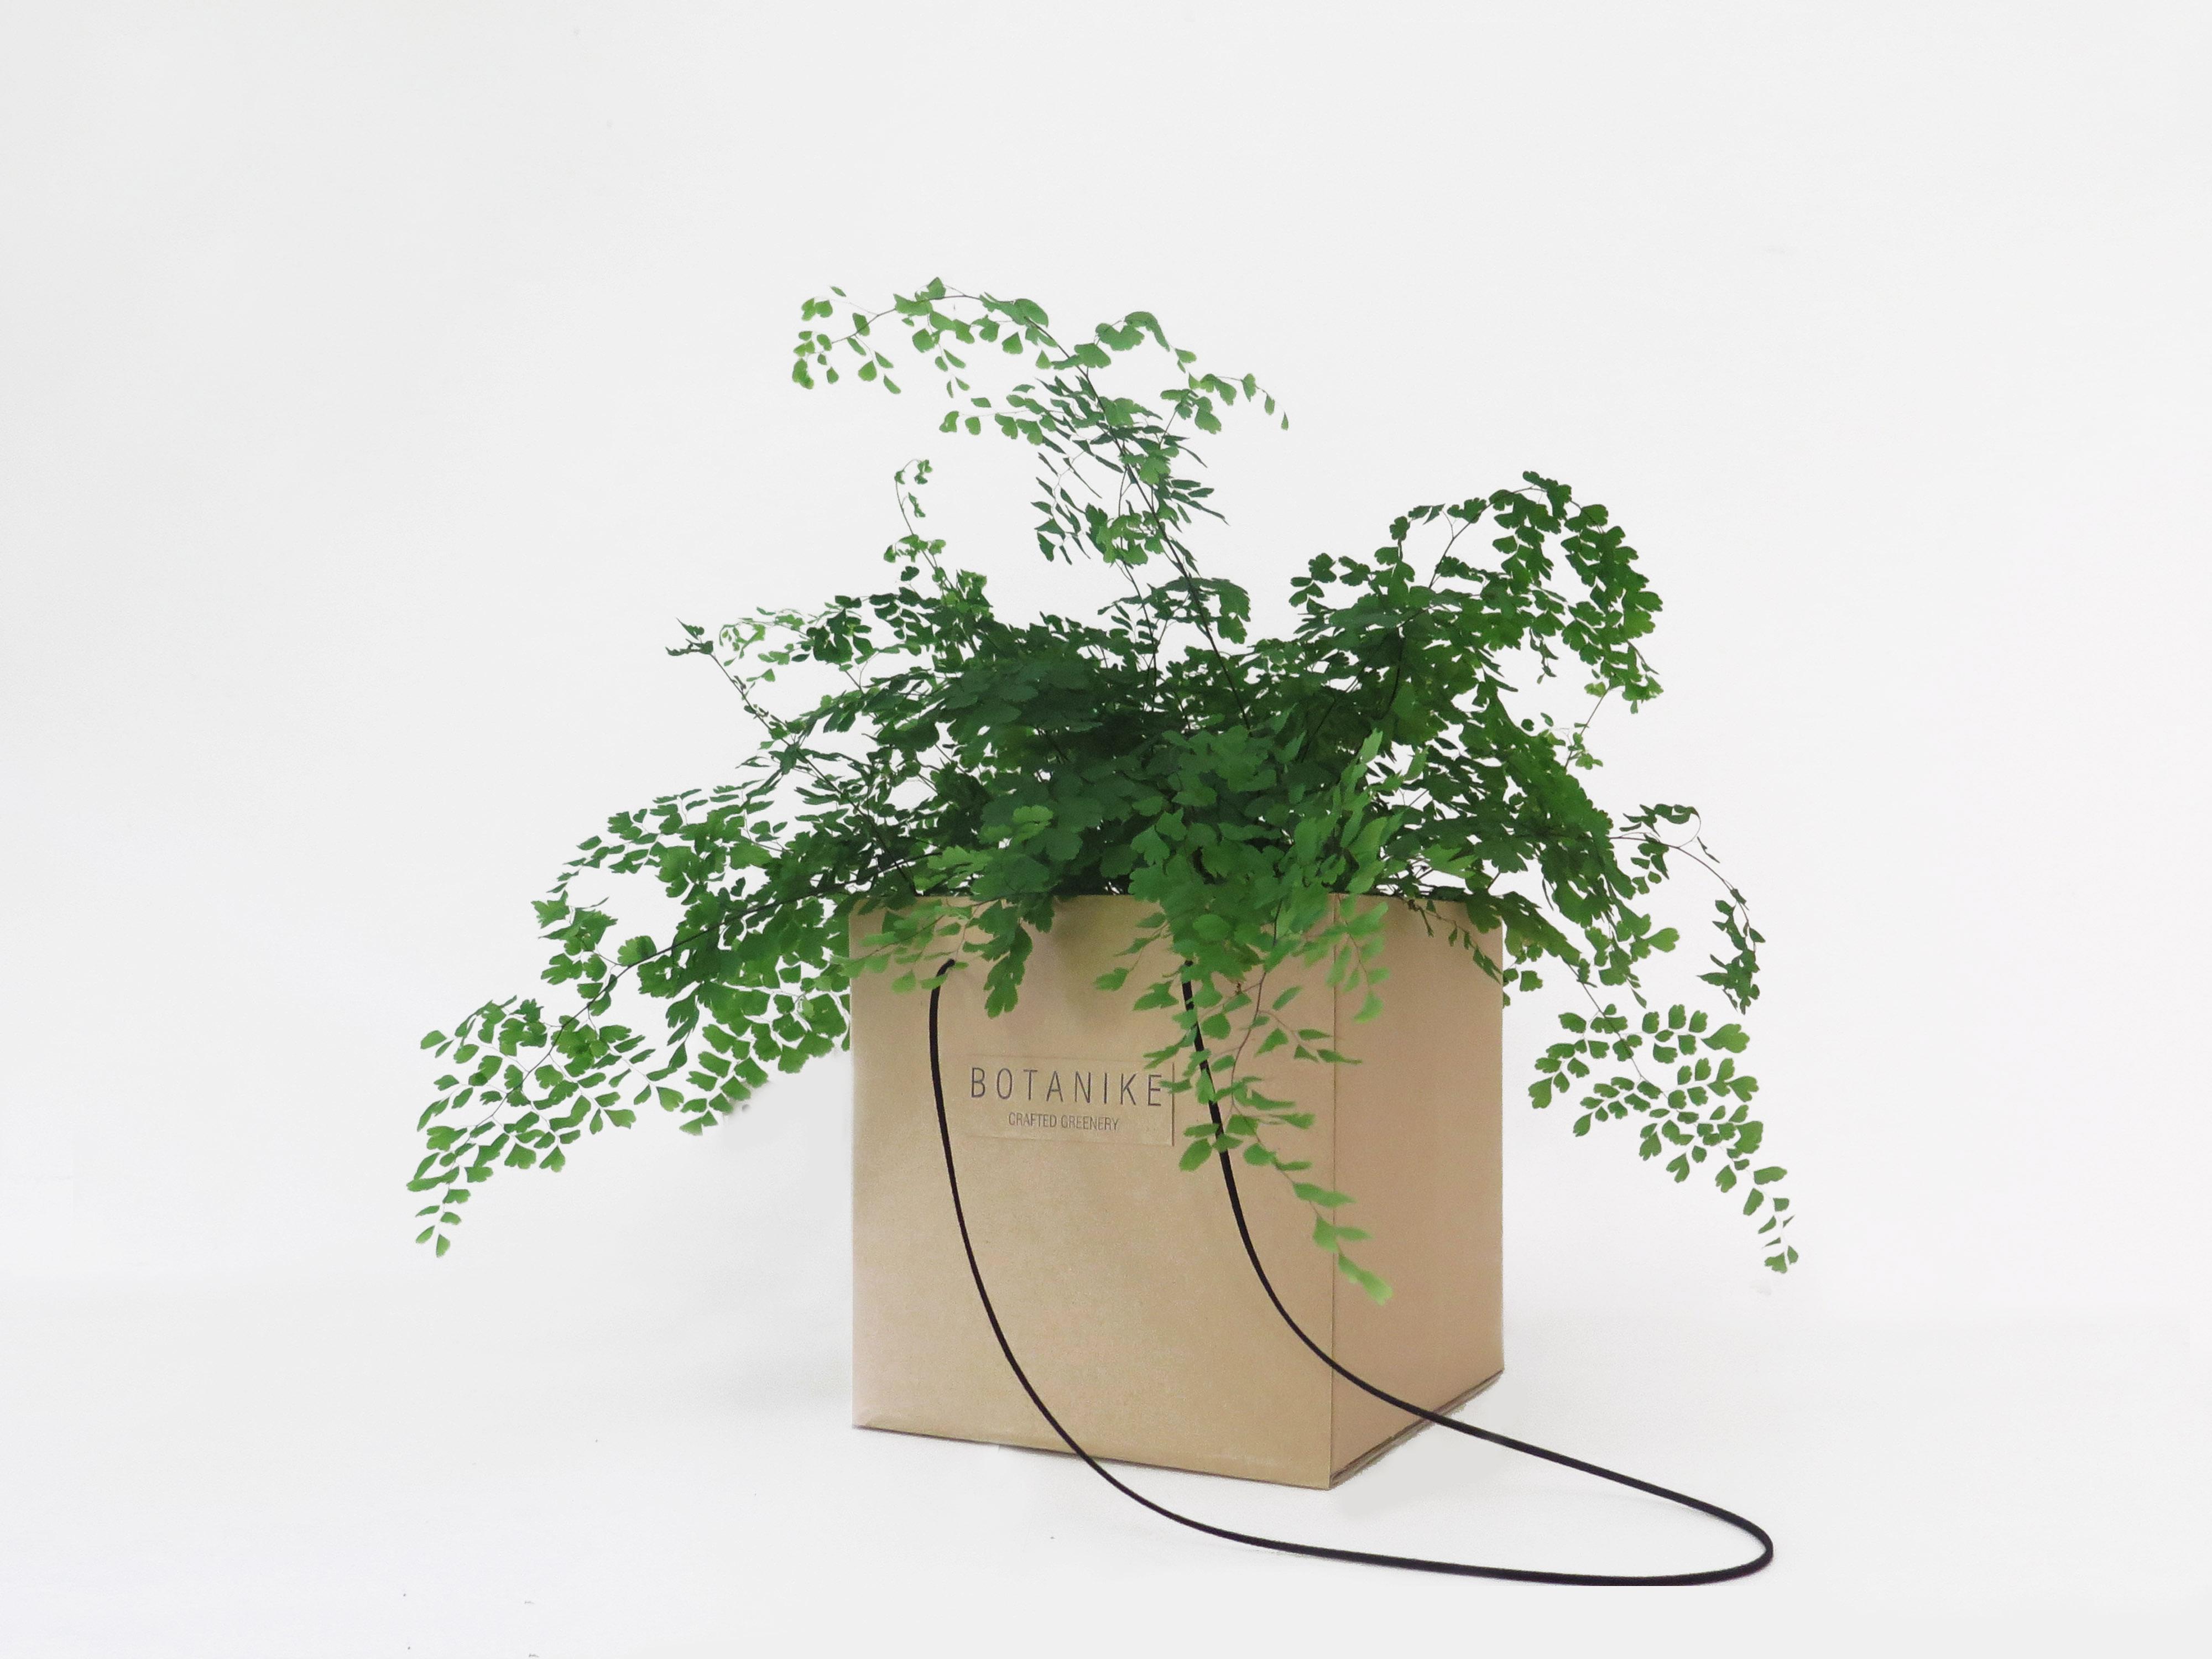 botanike gift_adiantum